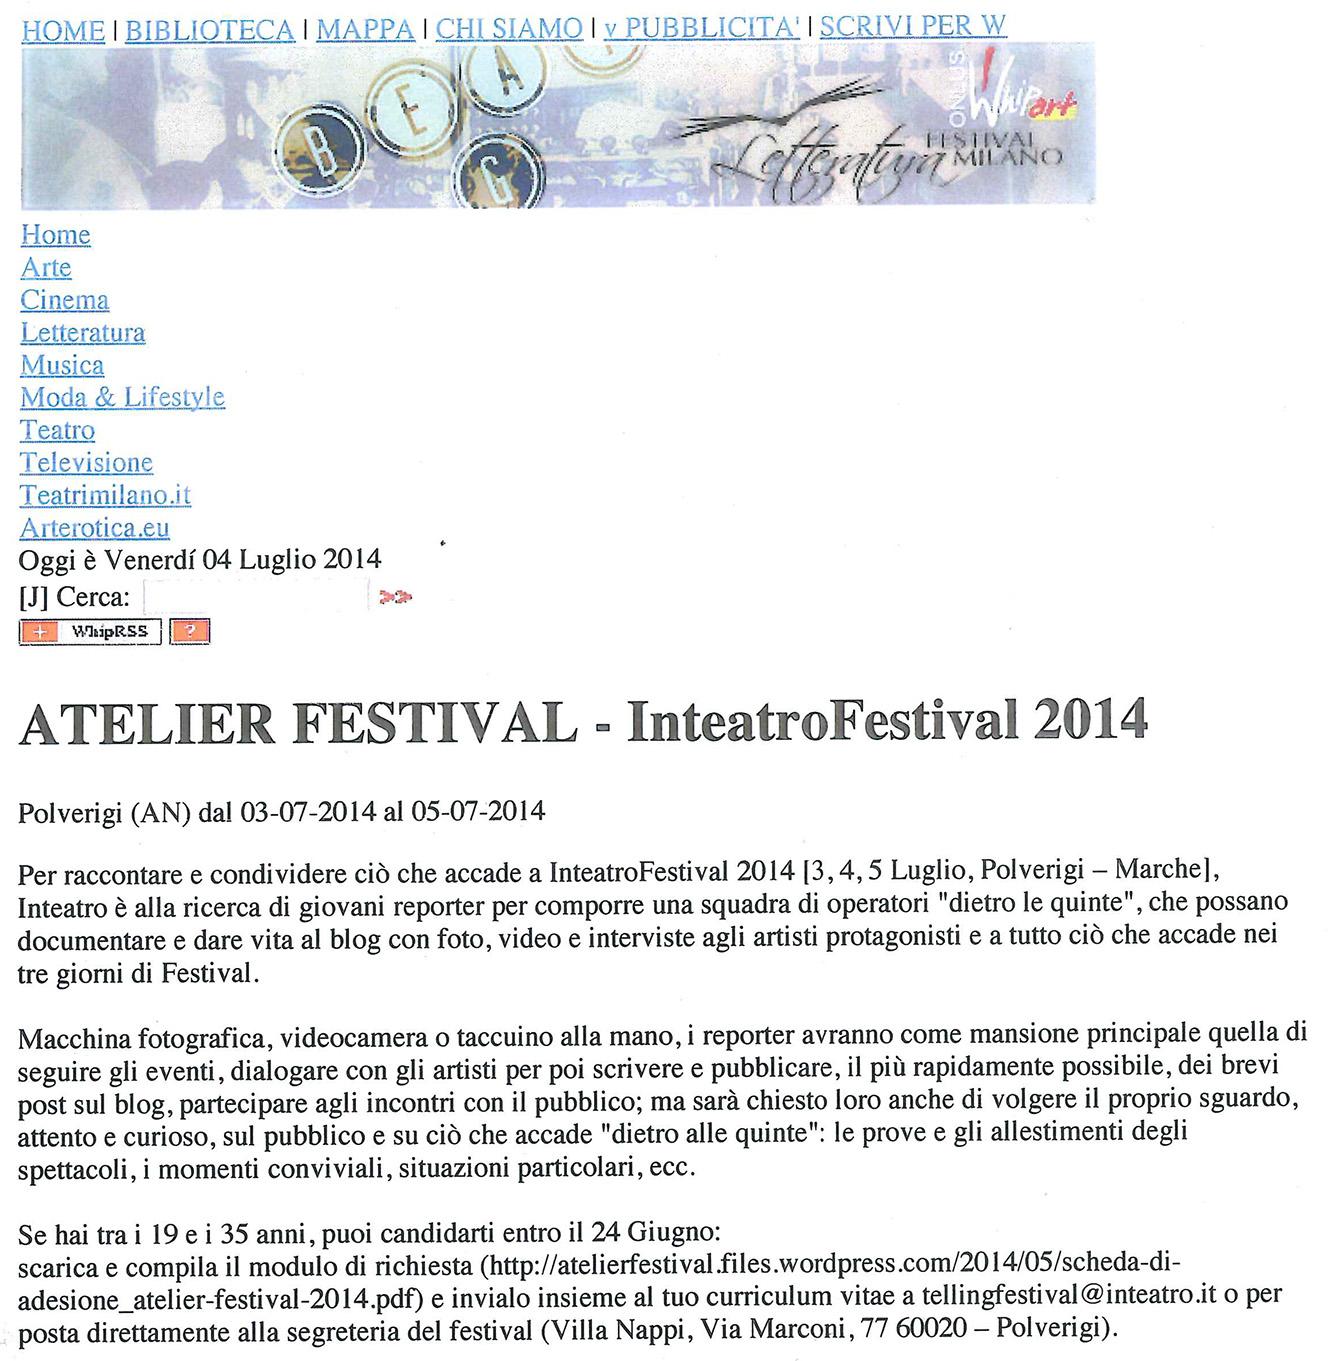 2014.07.02 Atelier Festival - whipart.it